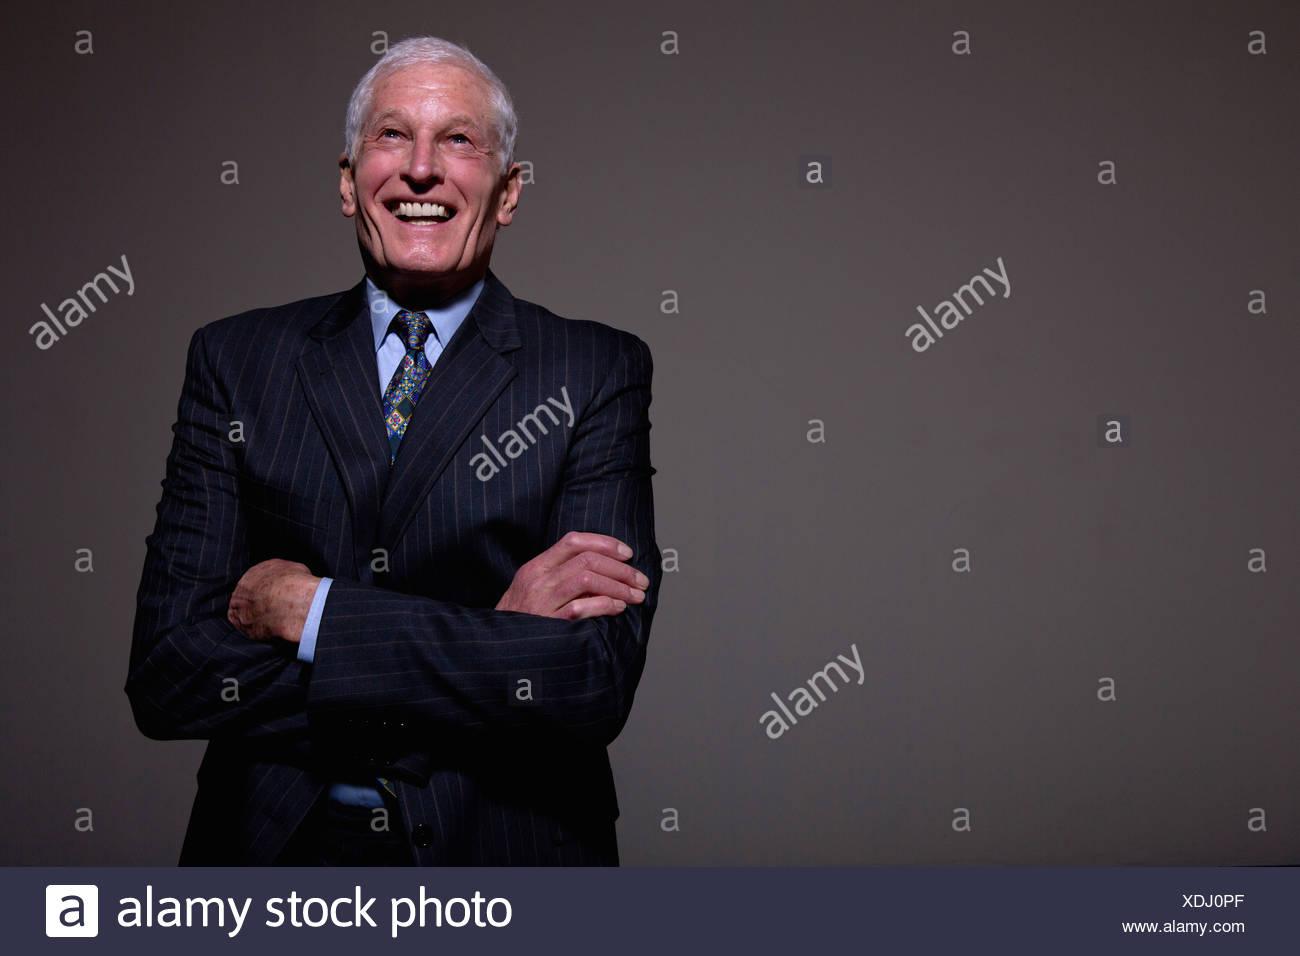 Studio-Porträt der ältere Mann im Anzug Stockbild